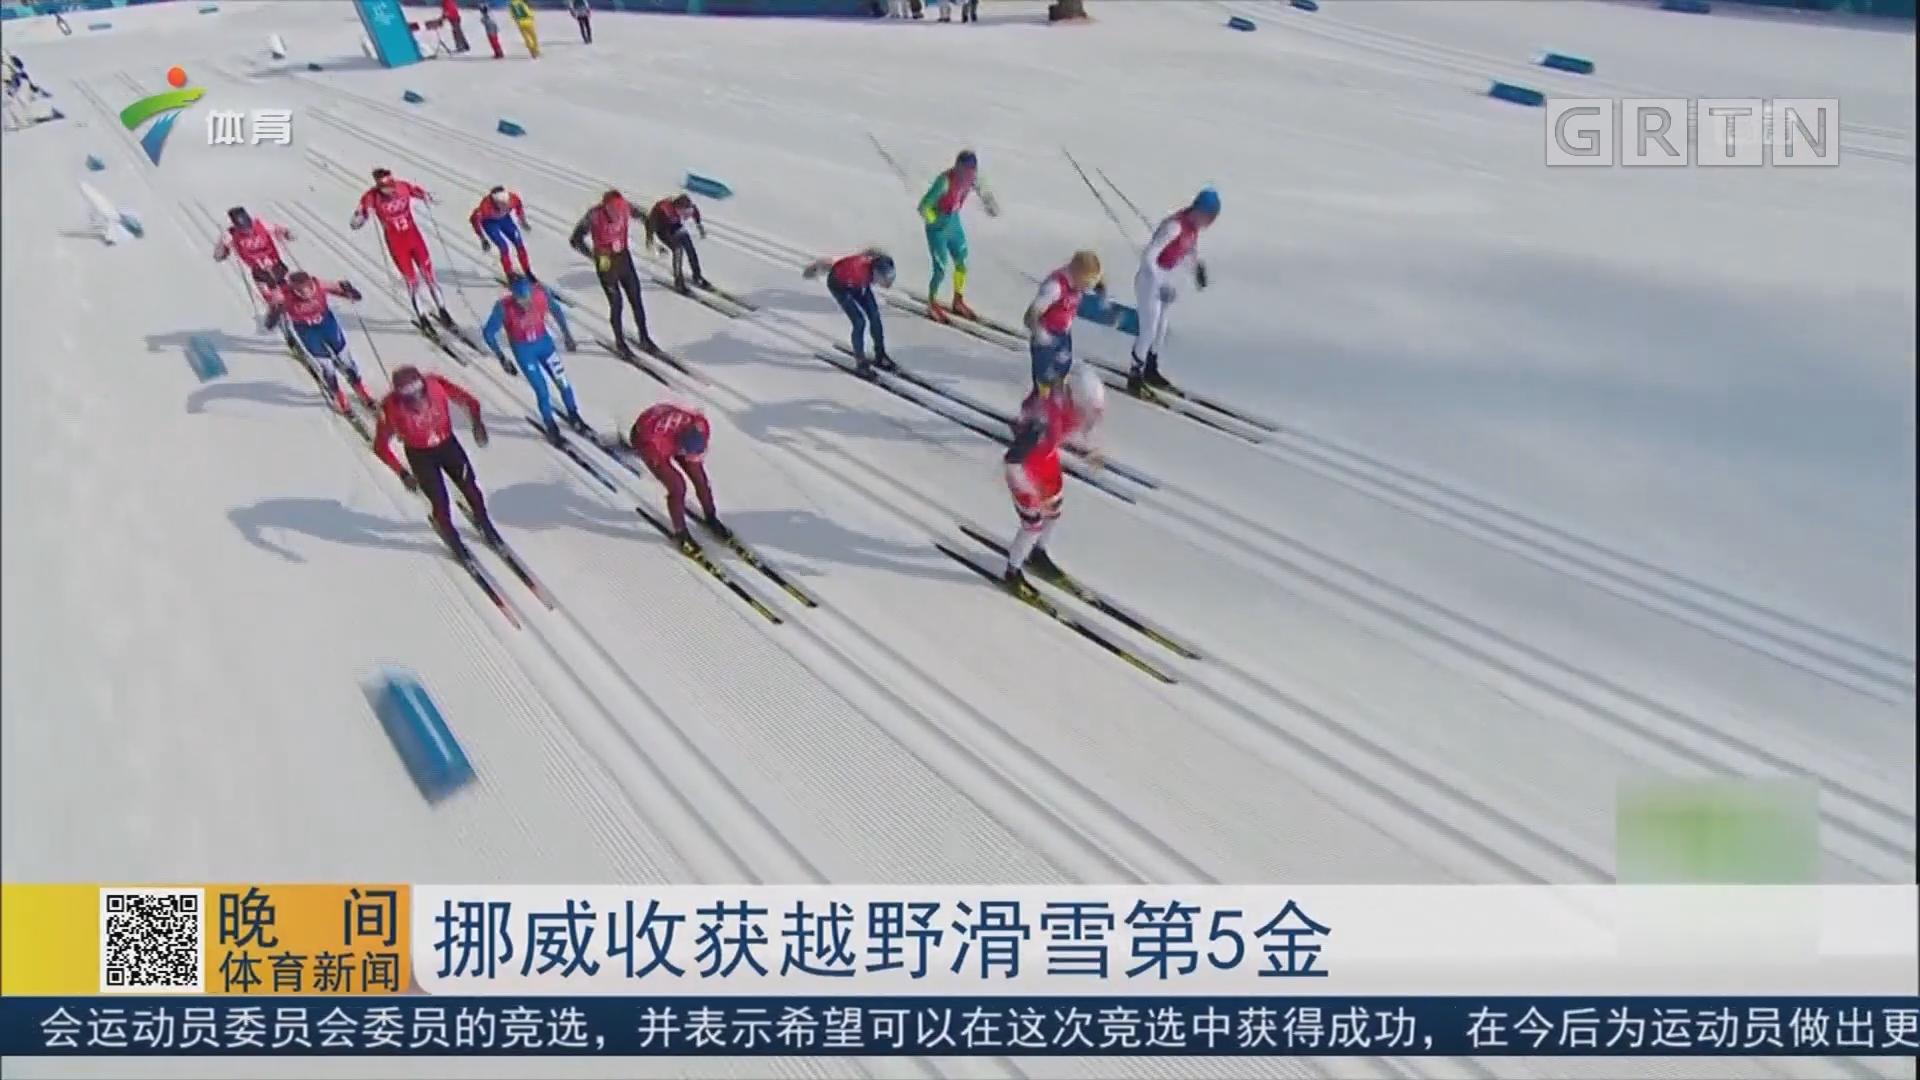 挪威收获越野滑雪第5金